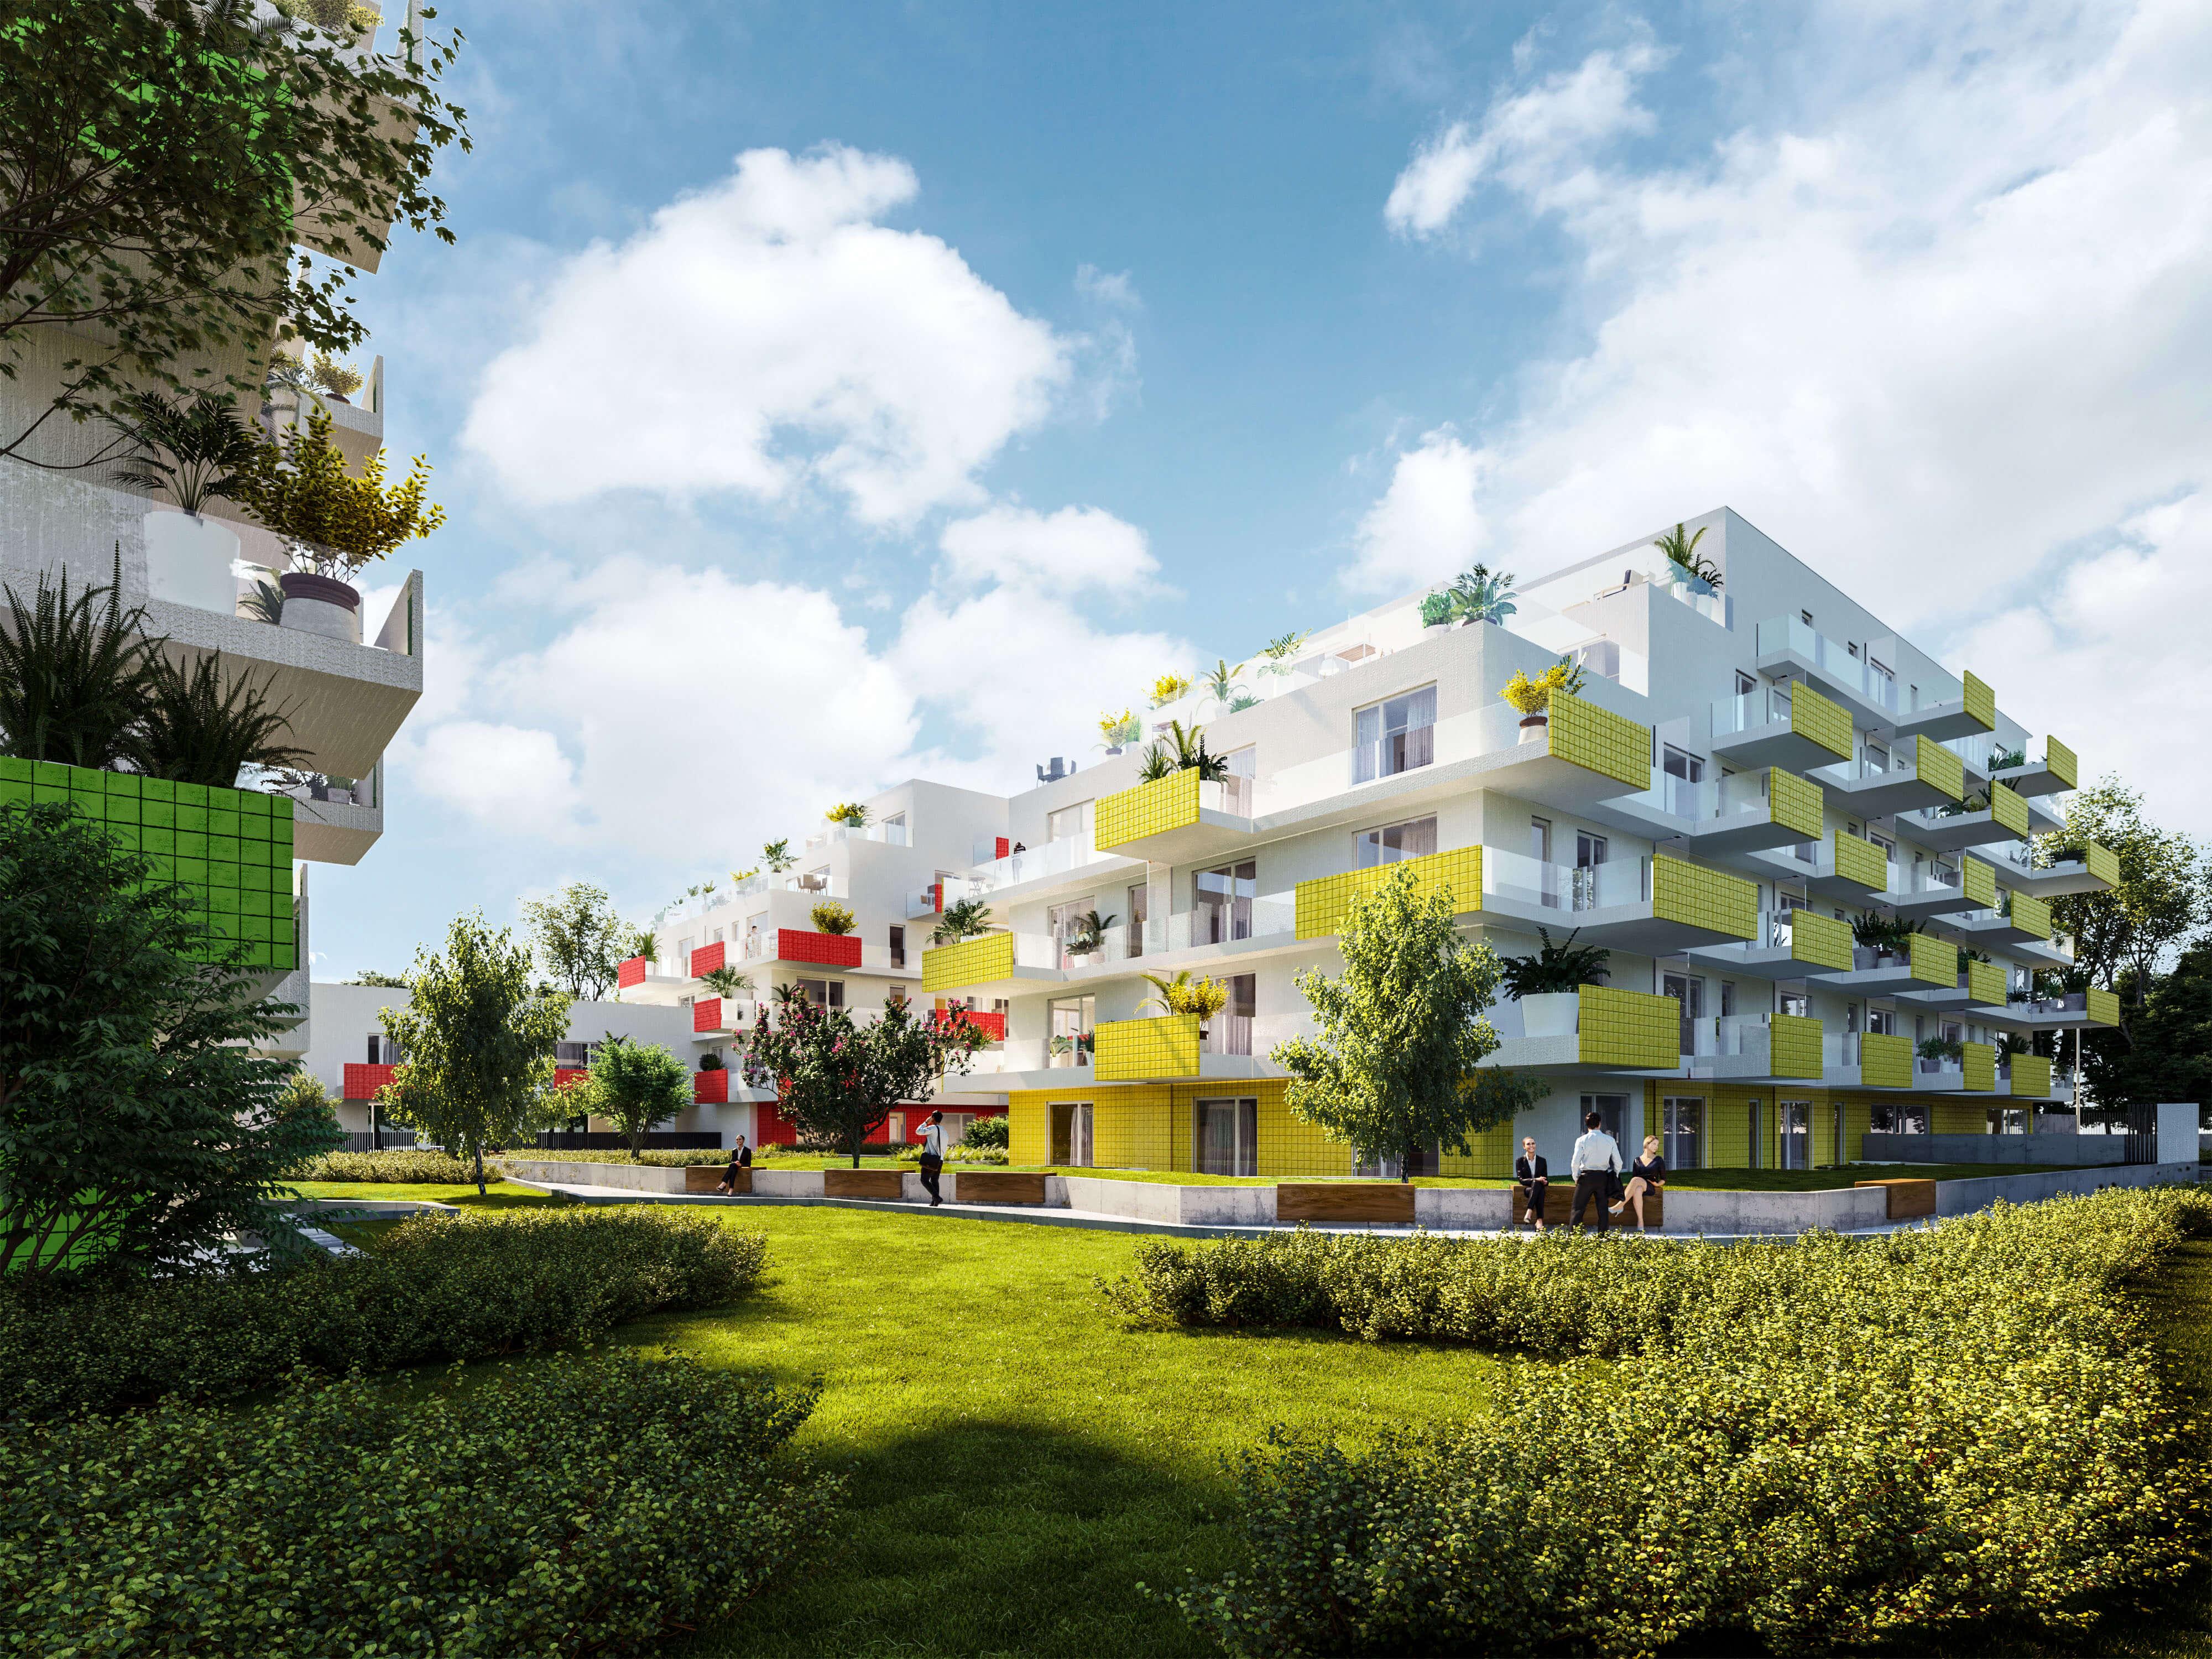 Zöldövezet és nagyvárosi élet egyben, mégpedig Zuglóban